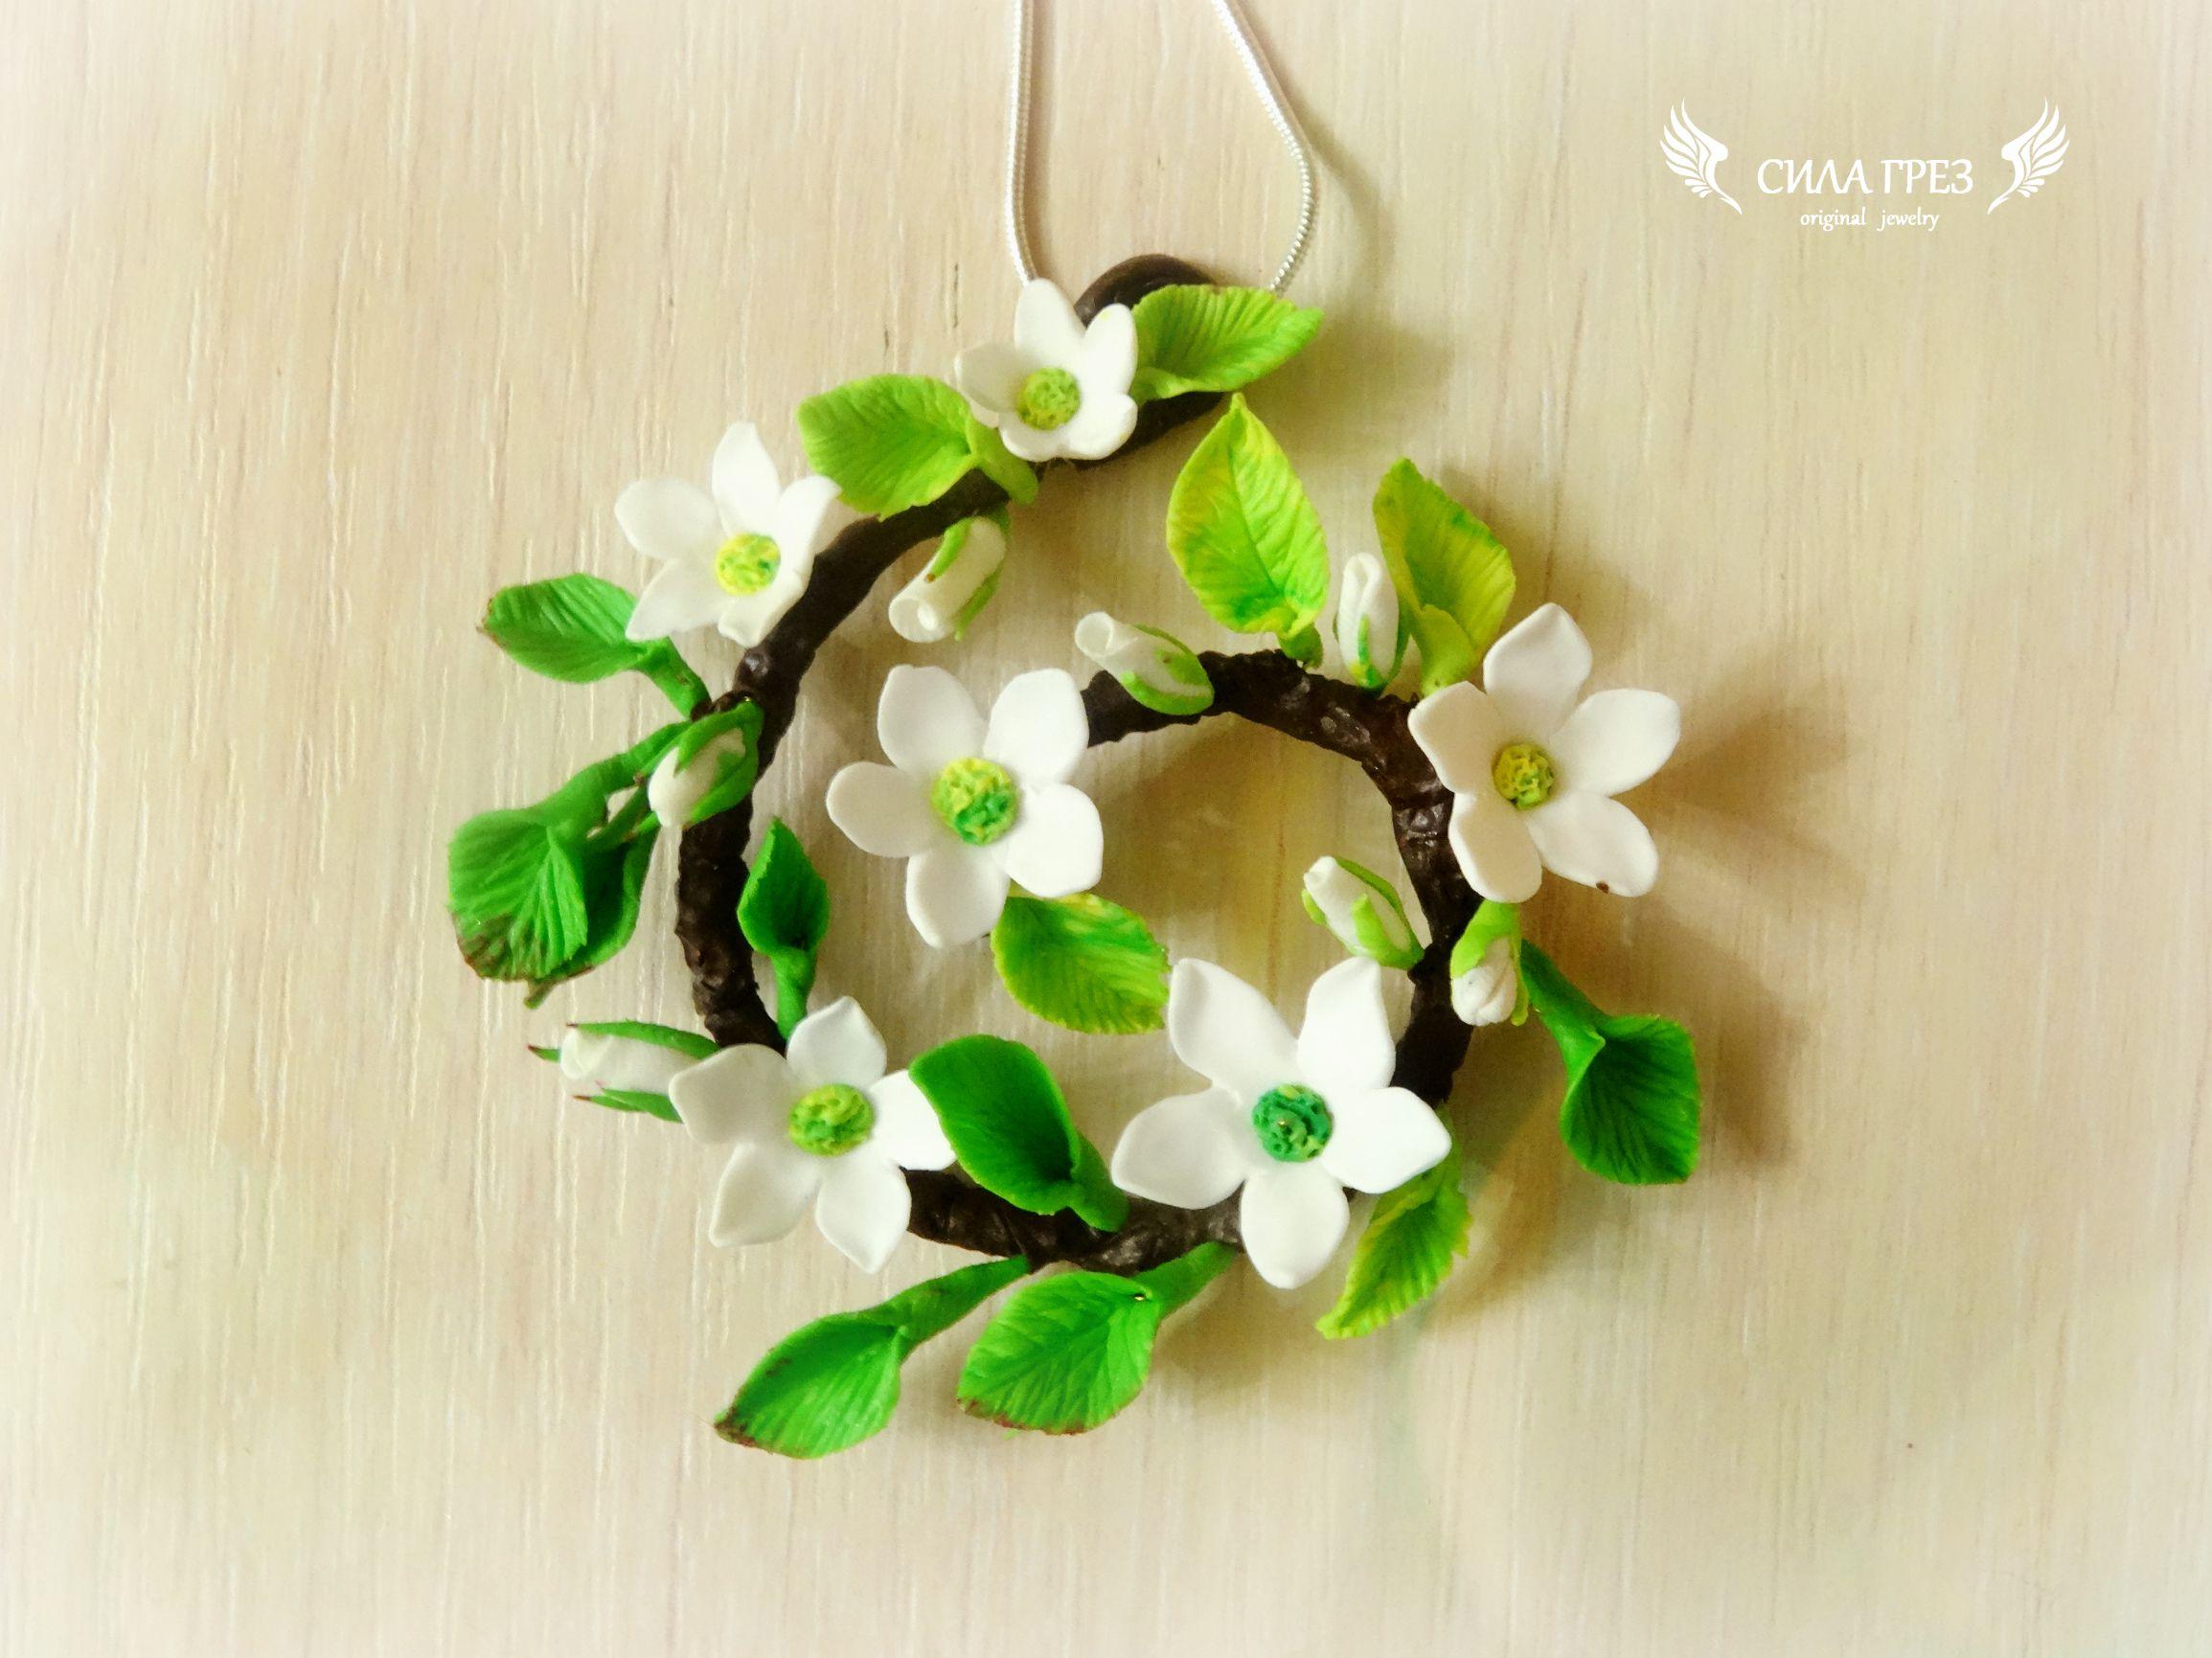 силагрез полимерная глина лес бижутерия сирень природа украшение цветы подарок